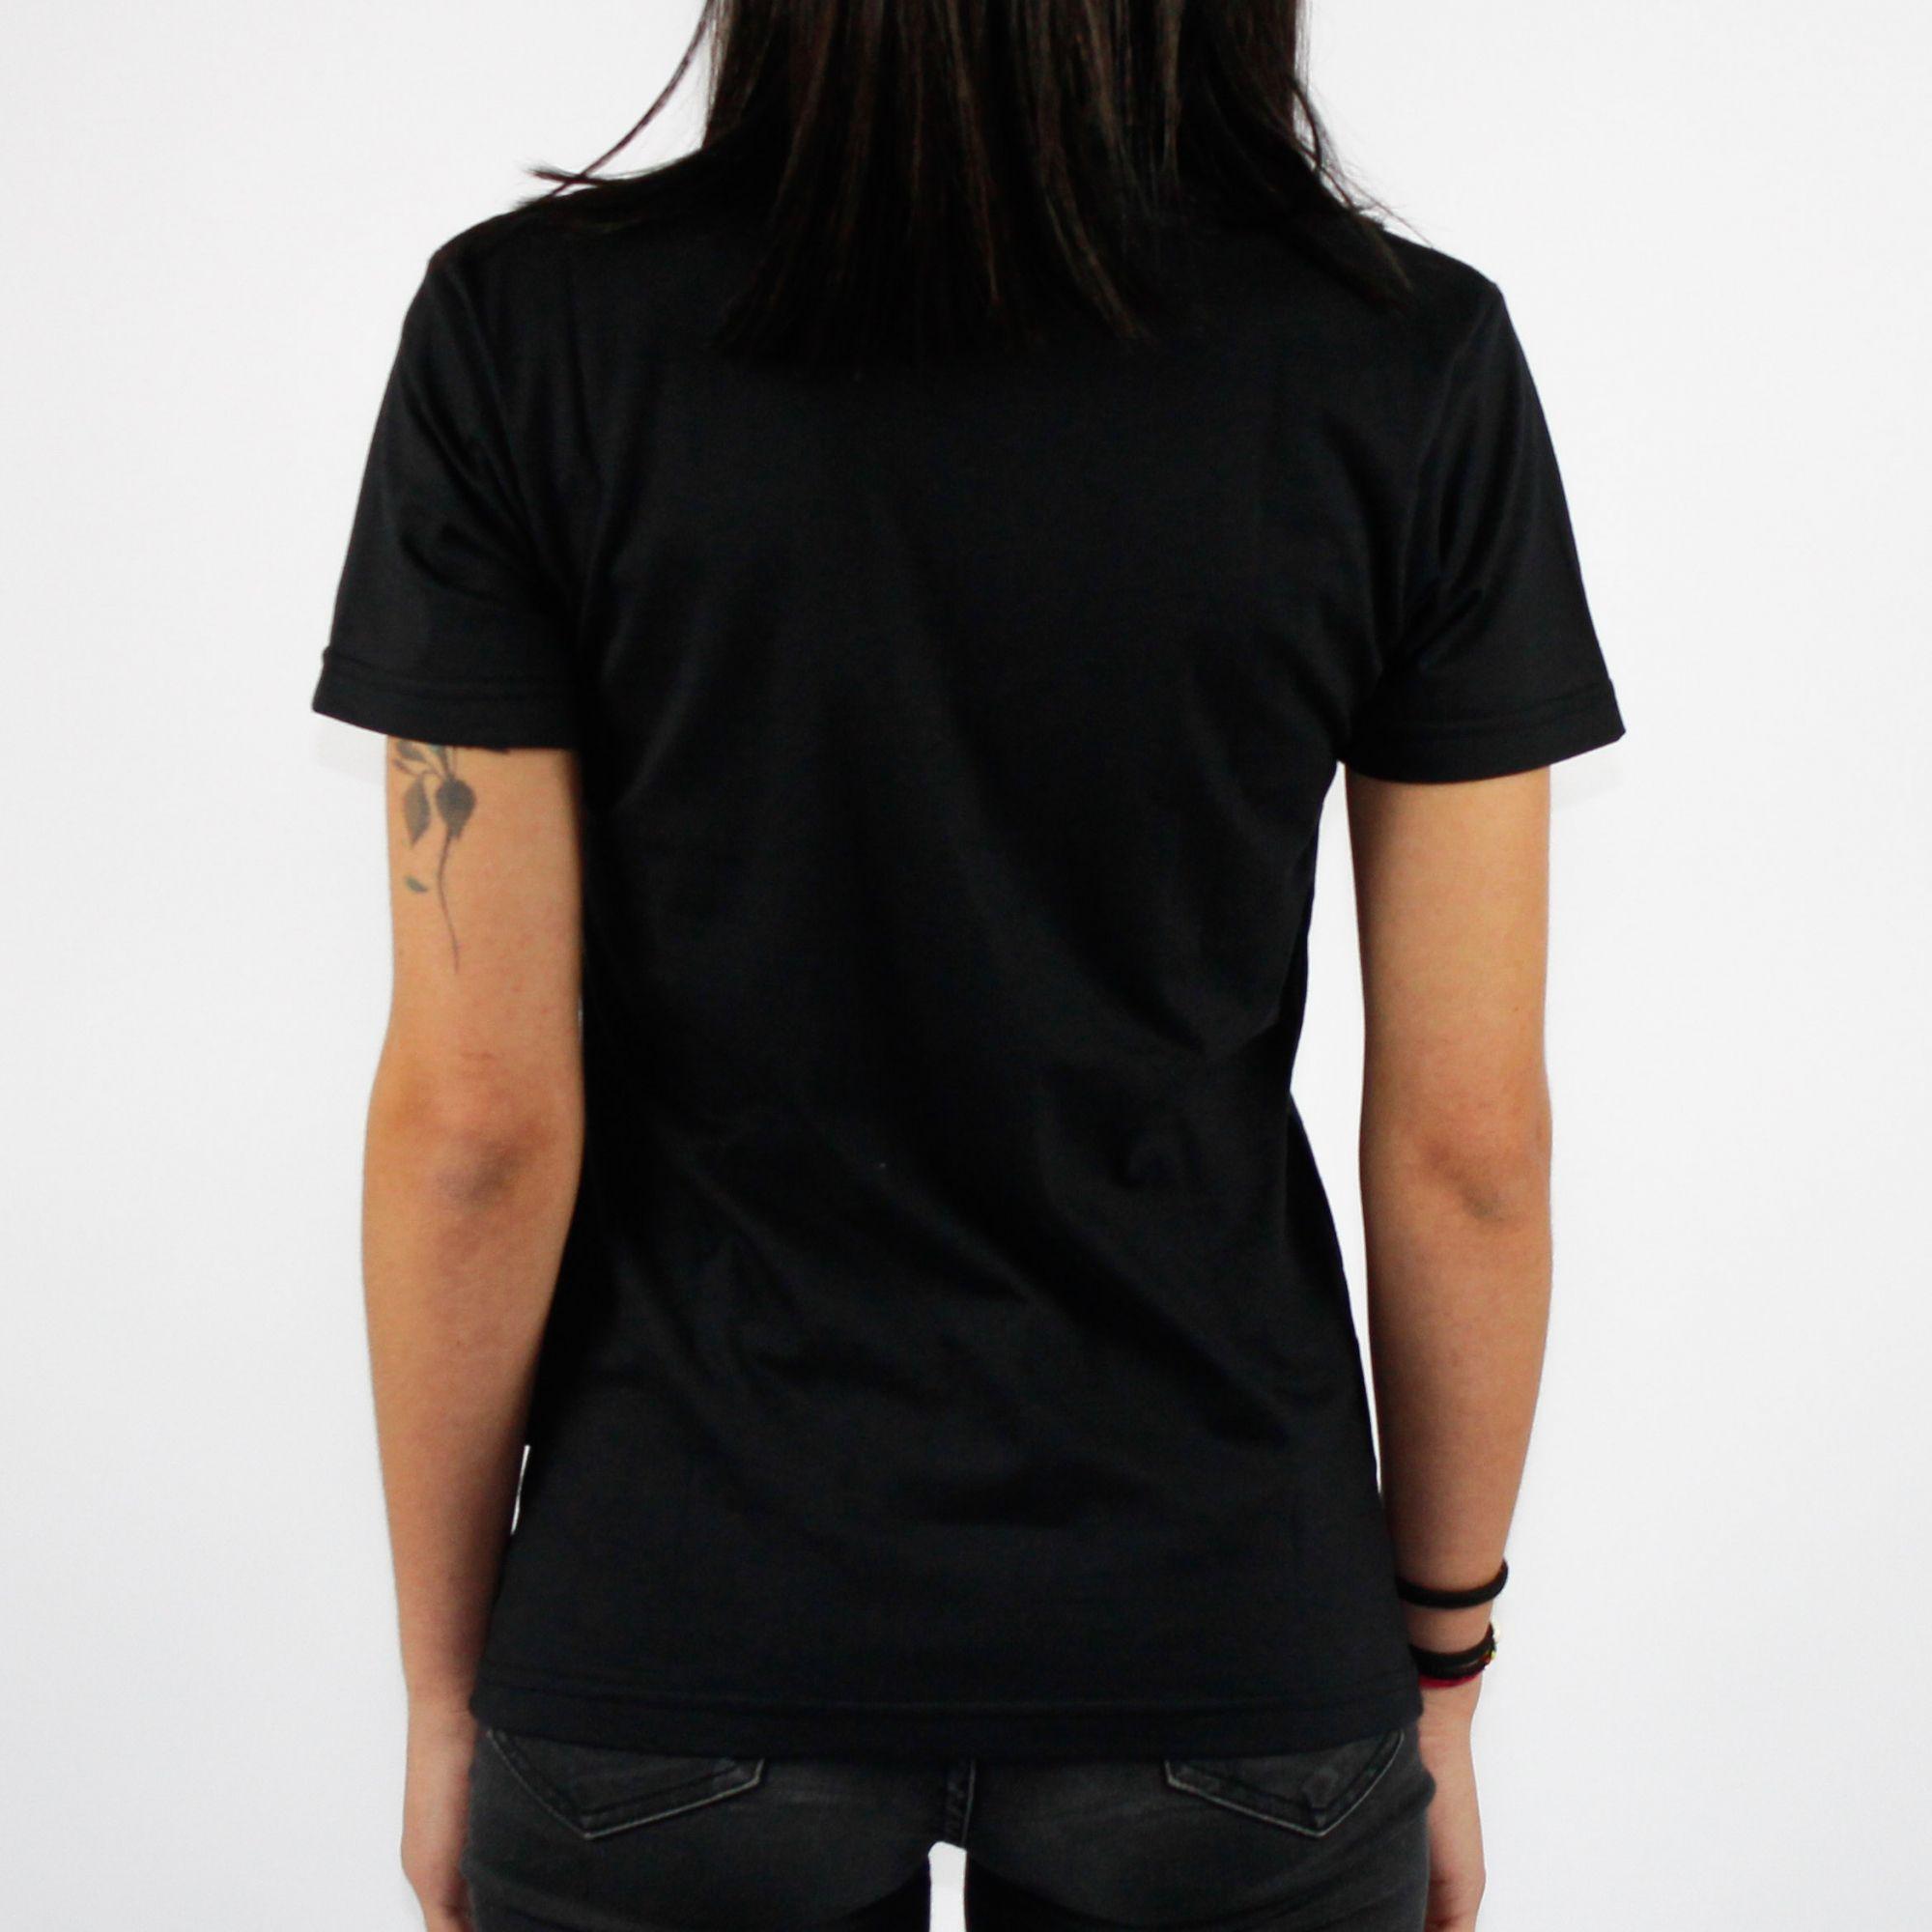 Camiseta Feminina Urgh Classic Preta